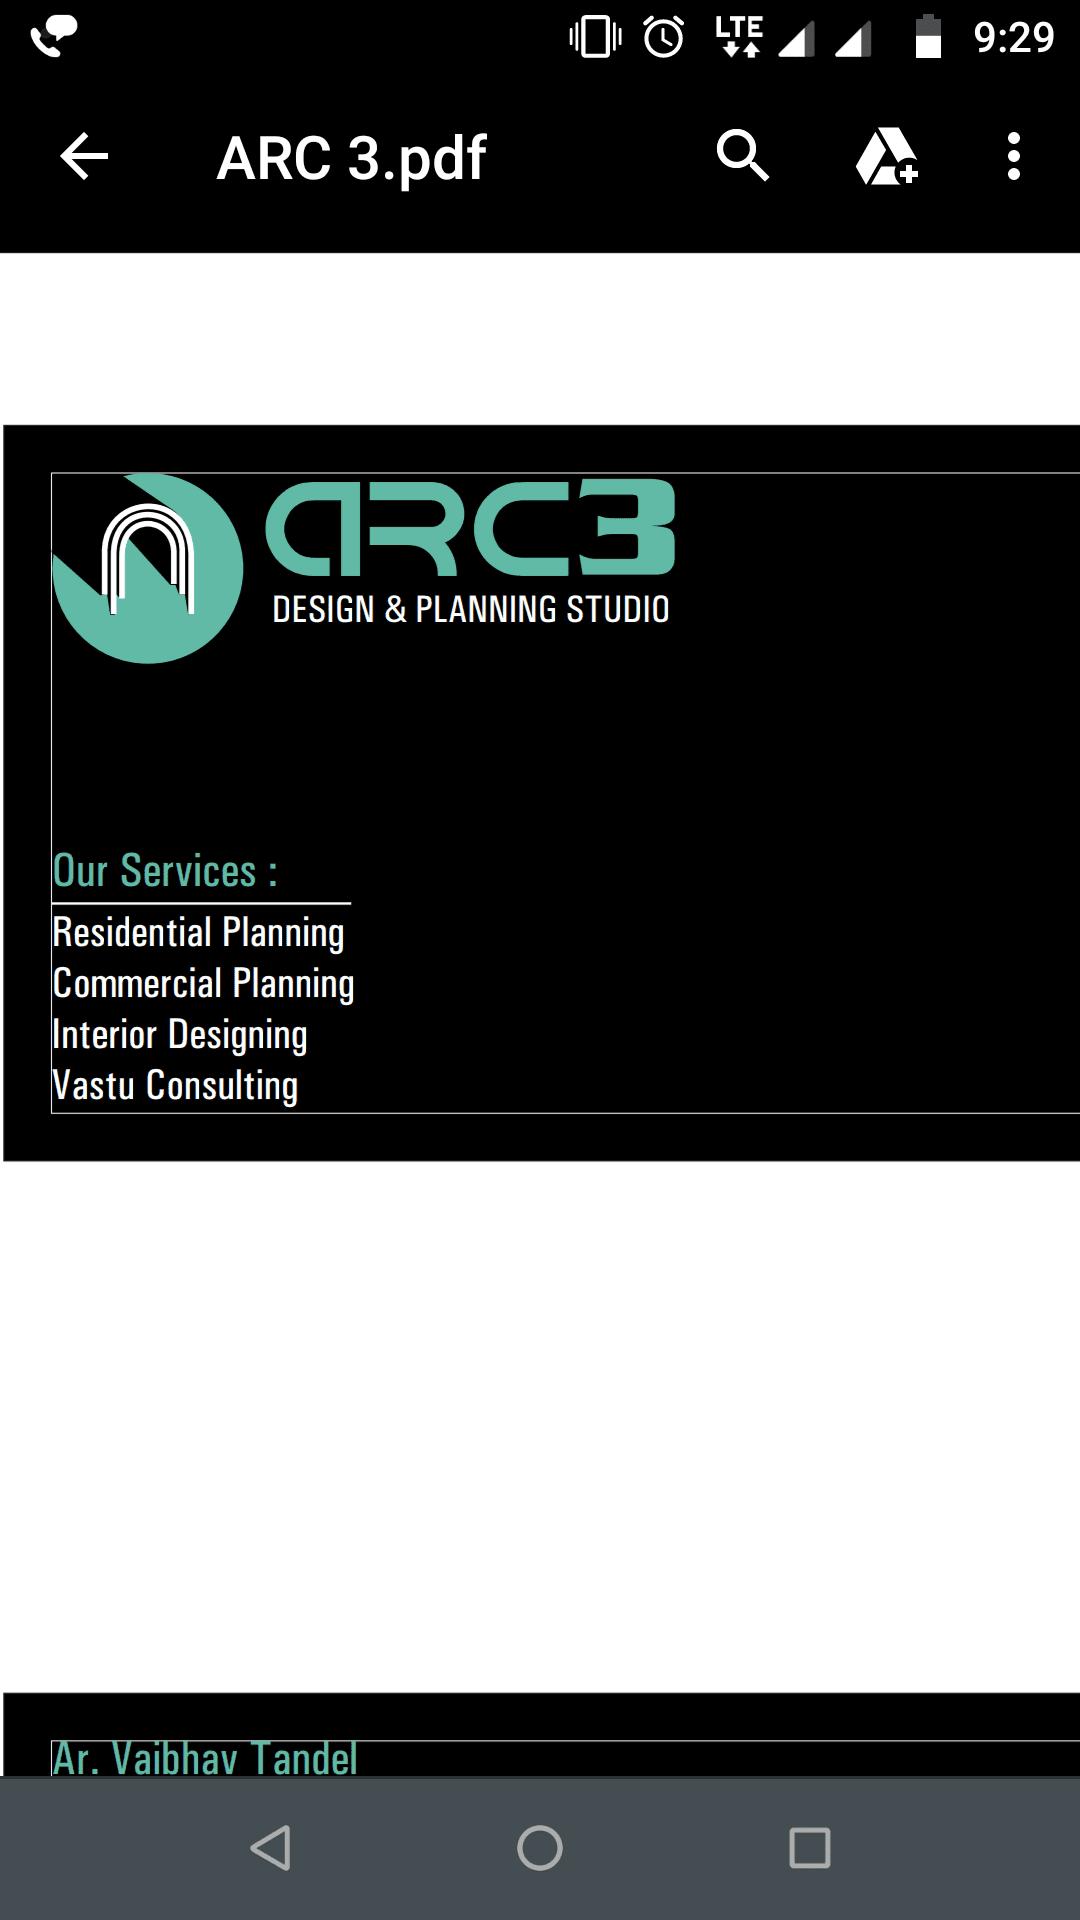 ARC3 Design And Planning Studio